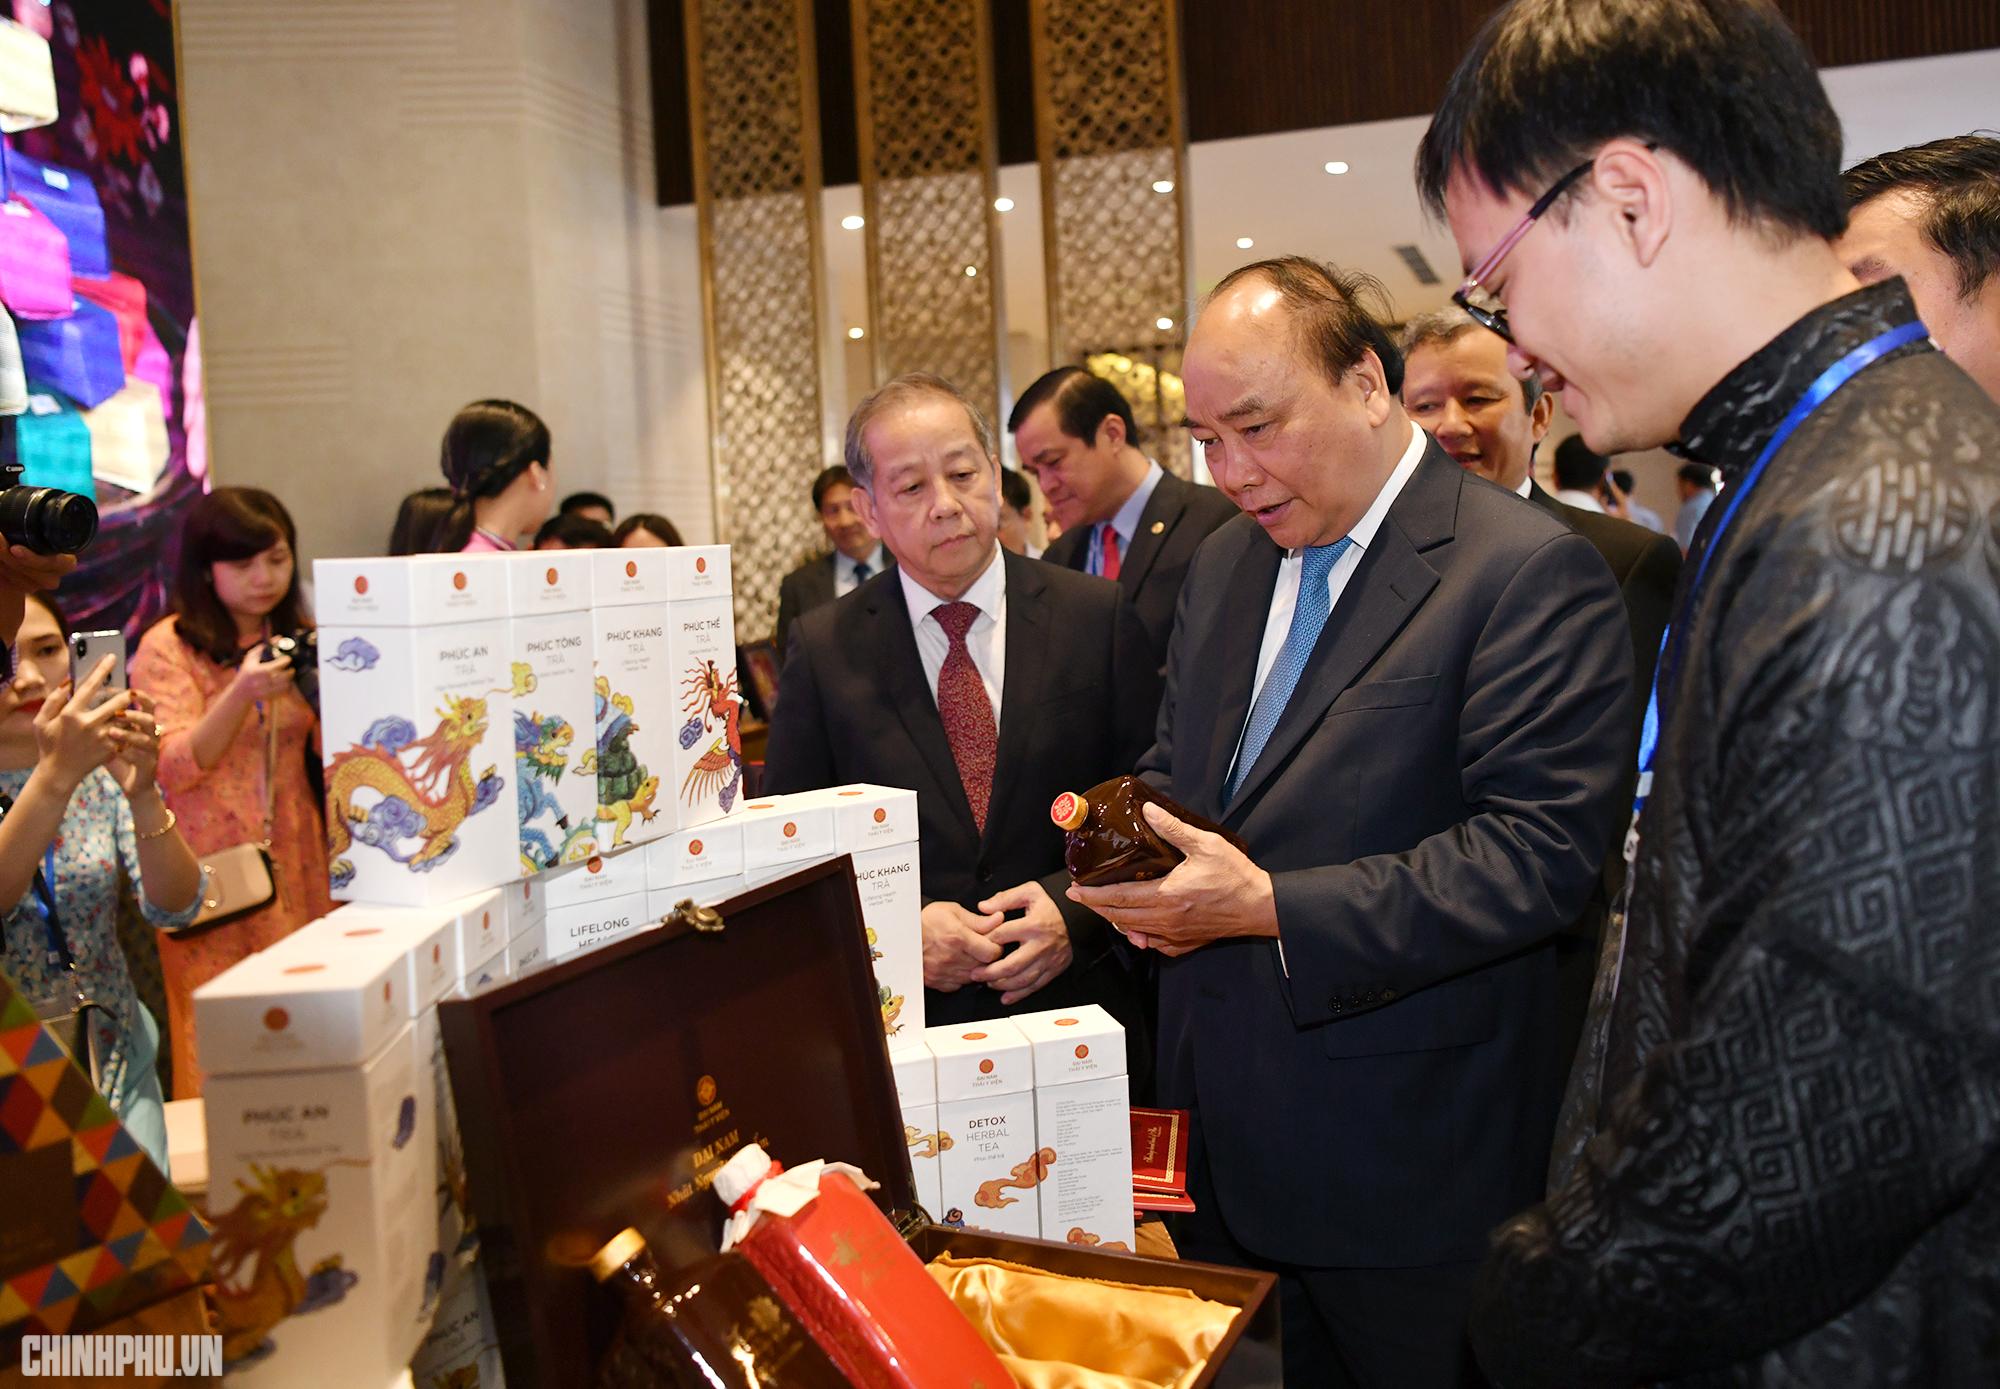 Thủ tướng Nguyễn Xuân Phúc dự giao ban Hội đồng Vùng kinh tế trọng điểm miền Trung